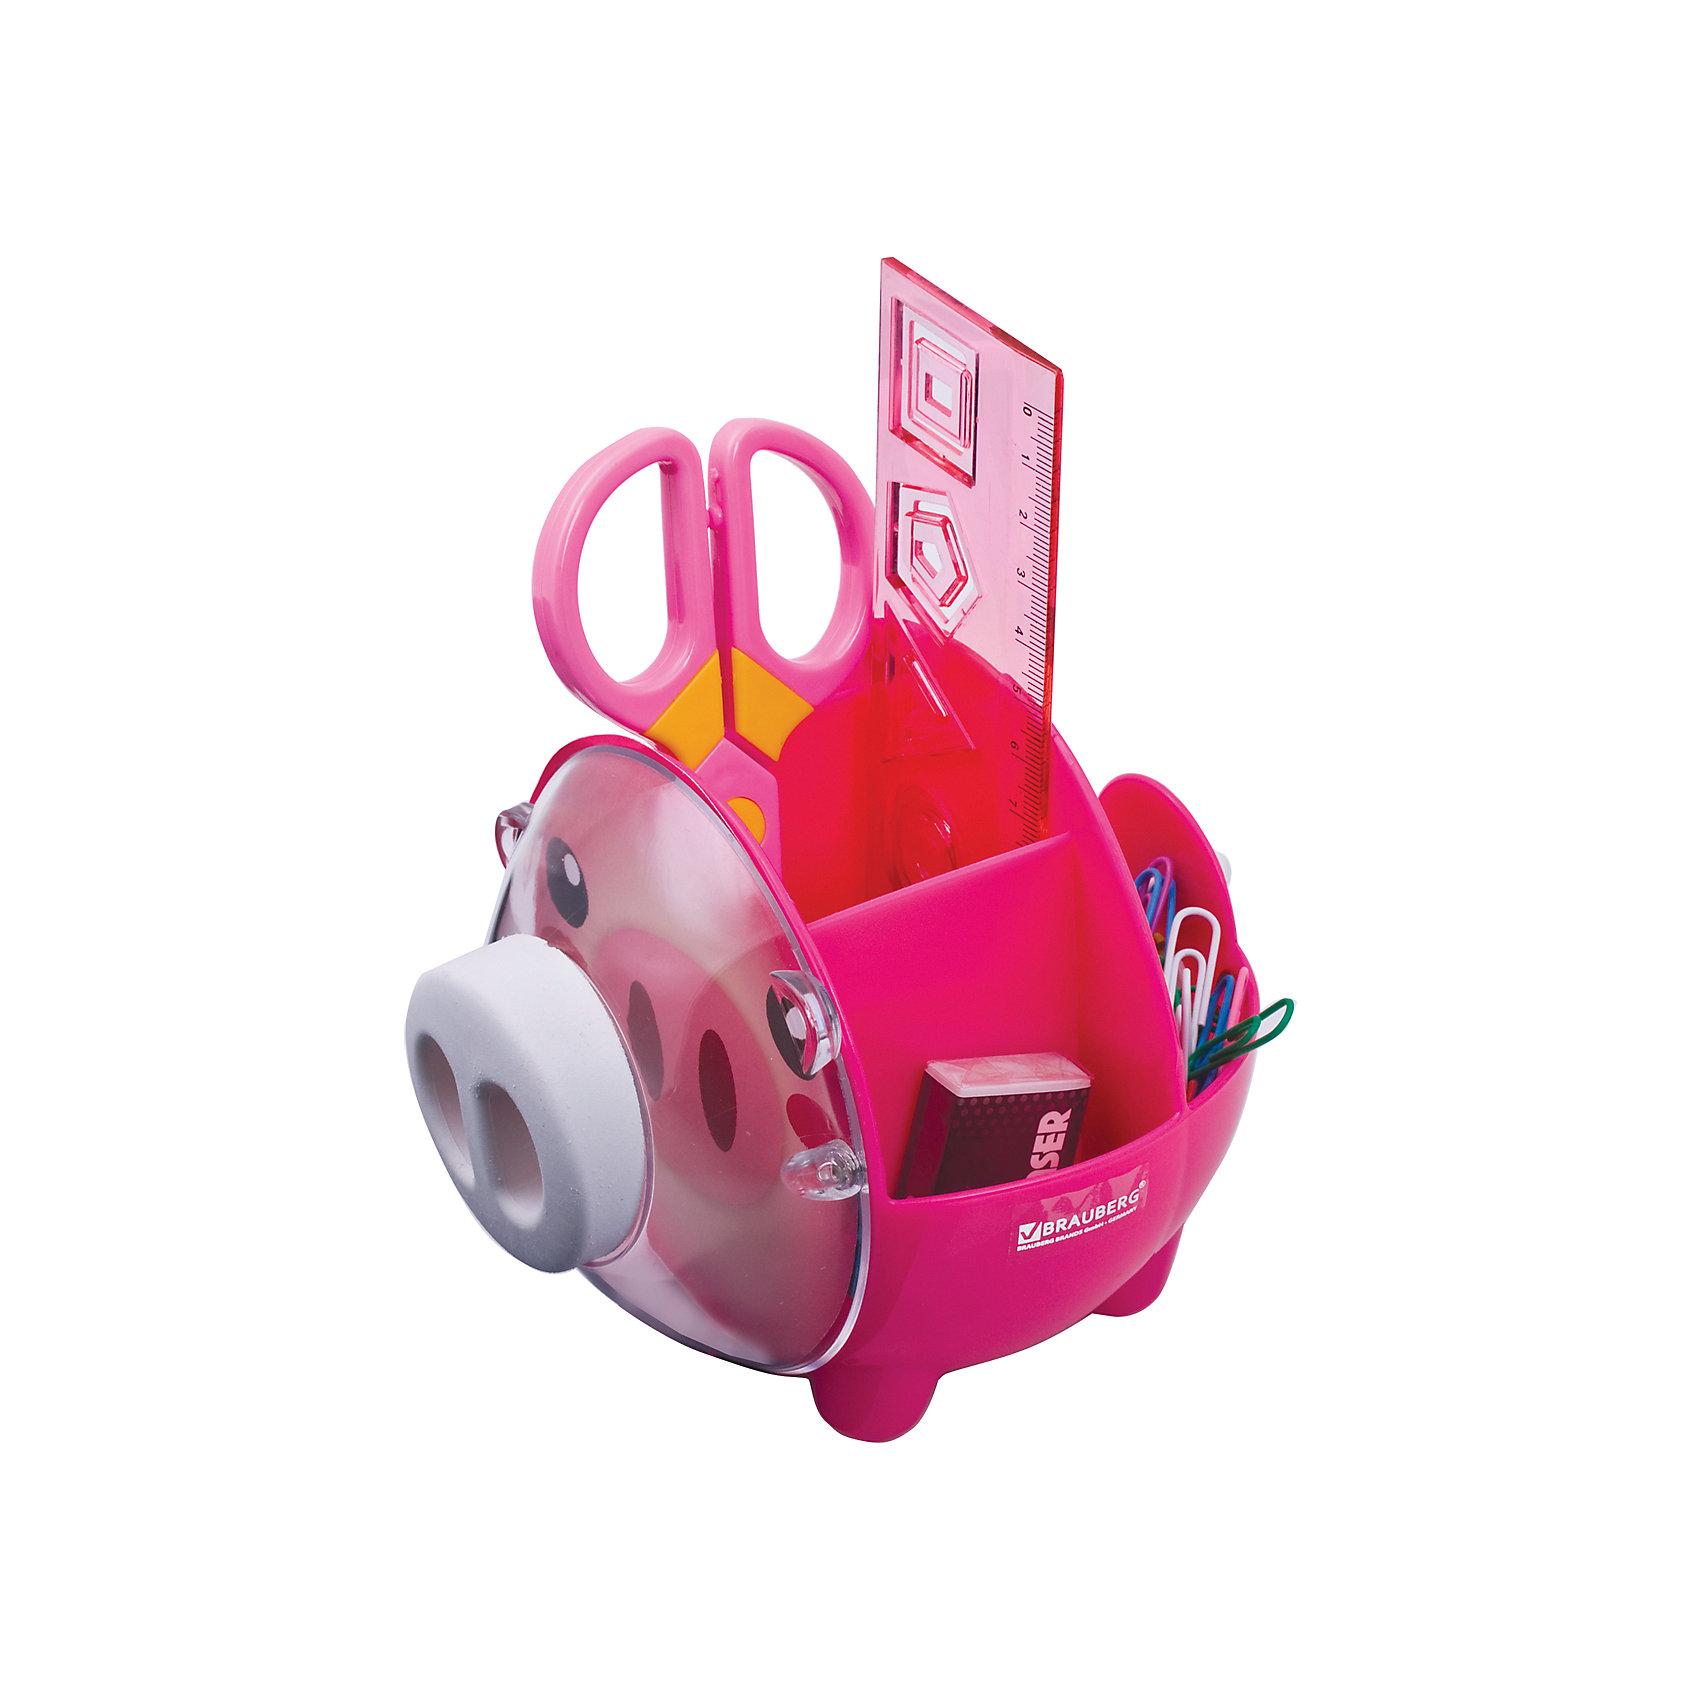 Канцелярский детский набор Пигги, 4 предметаШкольные аксессуары<br>Милый и яркий настольный набор из высококачественного яркого пластика в форме поросенка позволяет эргономично и весело организовать место для учебы и развлечений ребенка.<br><br>В наборе 4 предмета: пластиковые ножницы с безопасными закругленными лезвиями; линейка с трафаретами; скрепки, ластик.<br>Цвет - ассорти.<br><br>Дополнительная информация:<br><br>- Цвет - ассорти.<br>- Размер упаковки: 12х22х18 см.<br>- Вес в упаковке: 298 г. <br><br>Канцелярский детский набор Пигги можно купить в нашем магазине.<br><br>Ширина мм: 120<br>Глубина мм: 220<br>Высота мм: 180<br>Вес г: 298<br>Возраст от месяцев: 72<br>Возраст до месяцев: 2147483647<br>Пол: Унисекс<br>Возраст: Детский<br>SKU: 4792661